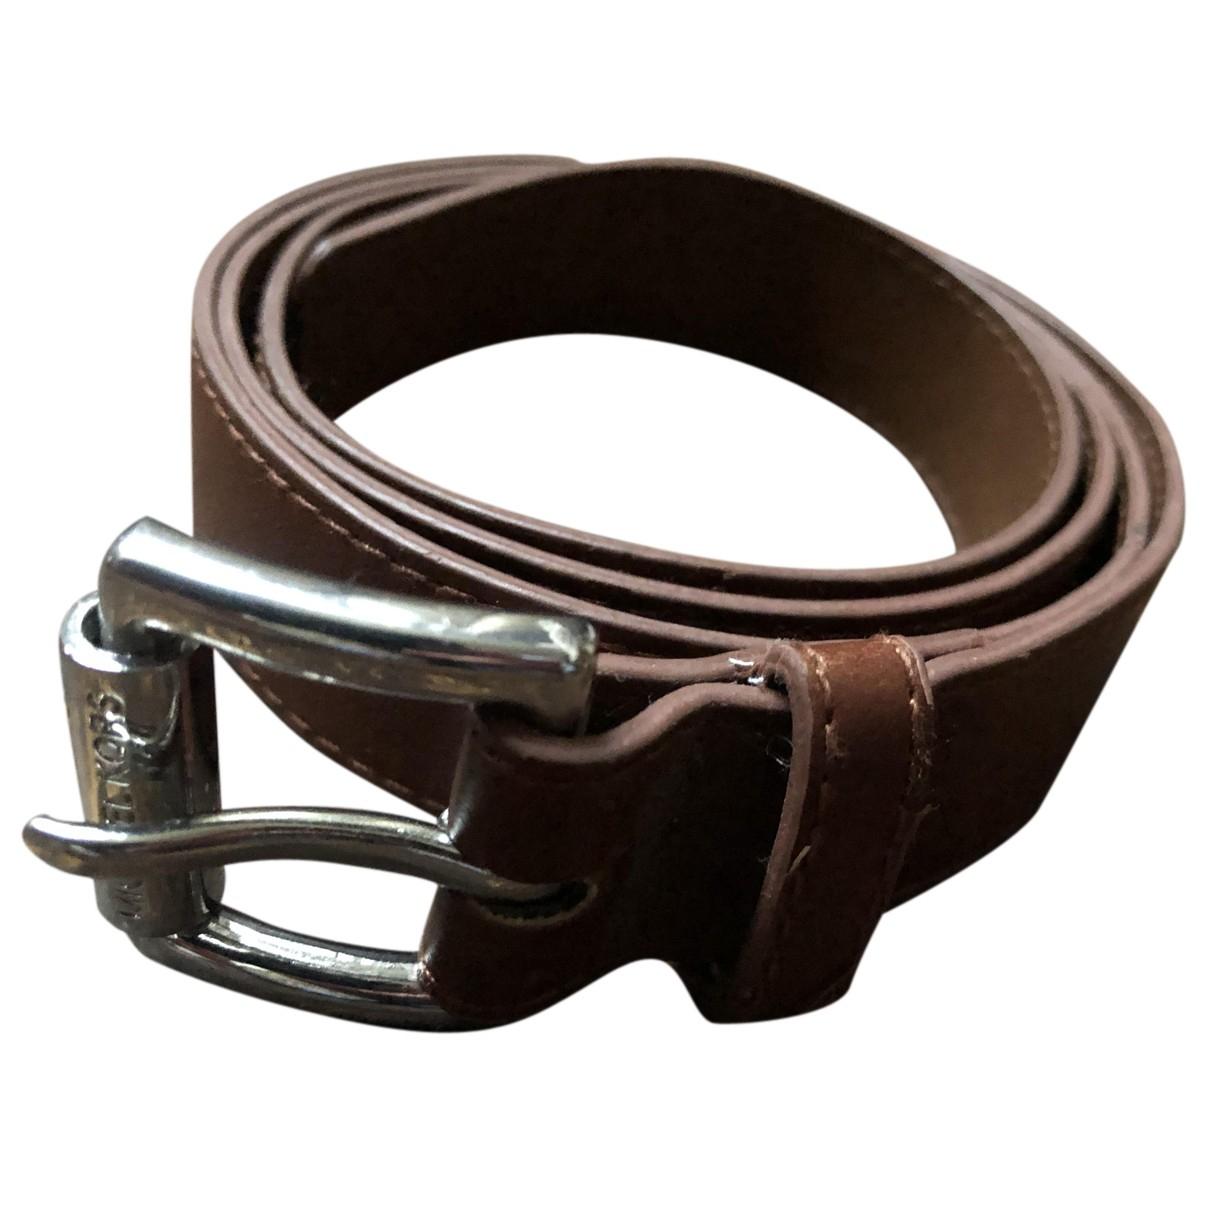 Michael Kors N Brown belt for Women 85 cm